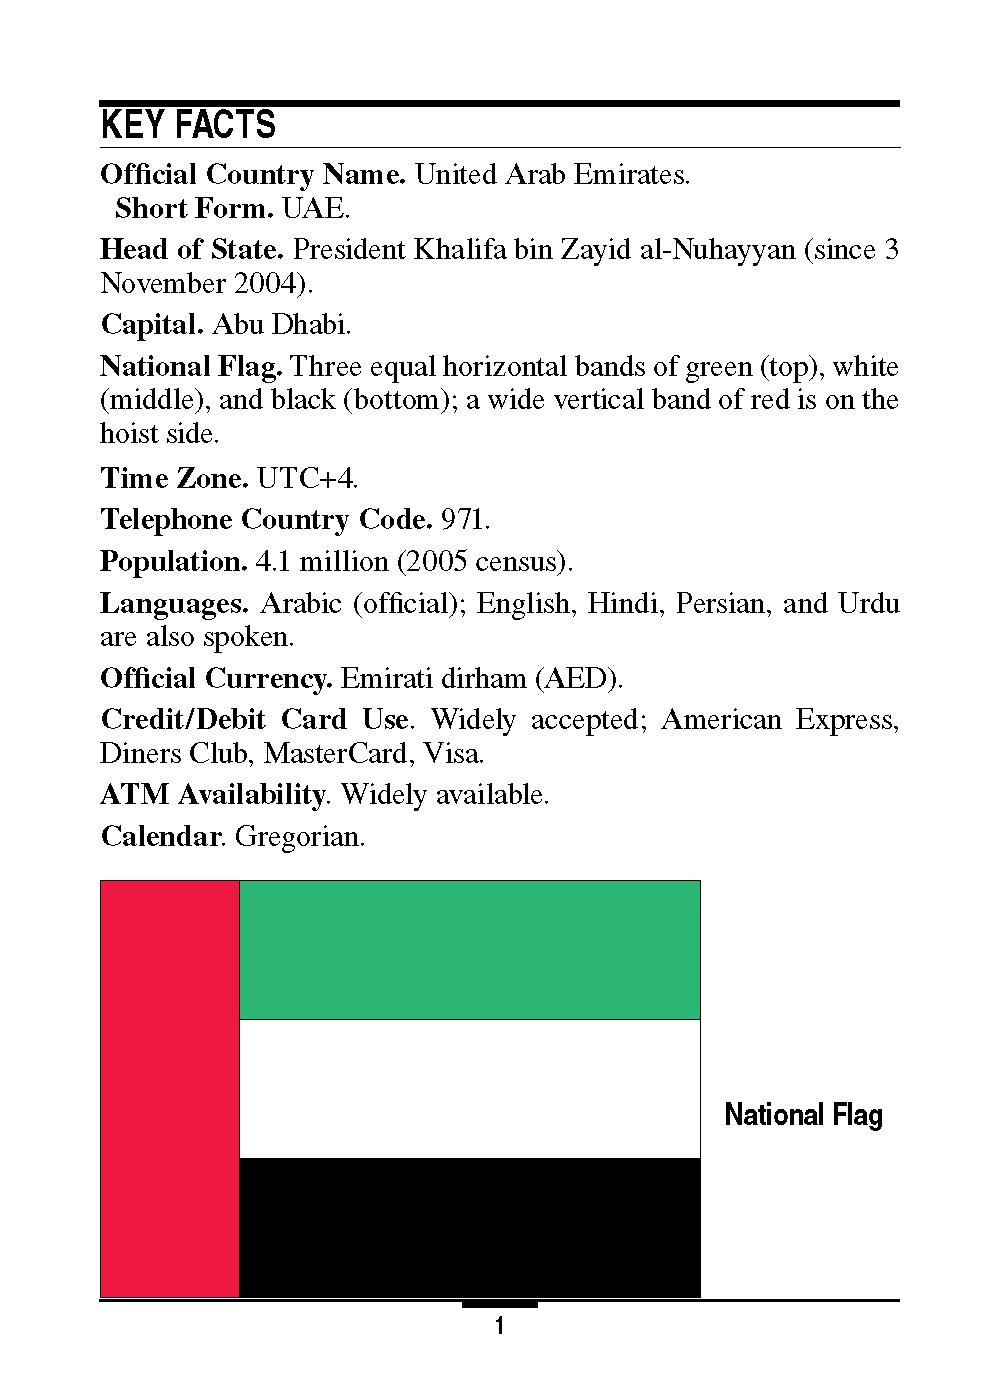 Mcia Unitedarabemirateshandbook Page 009 029